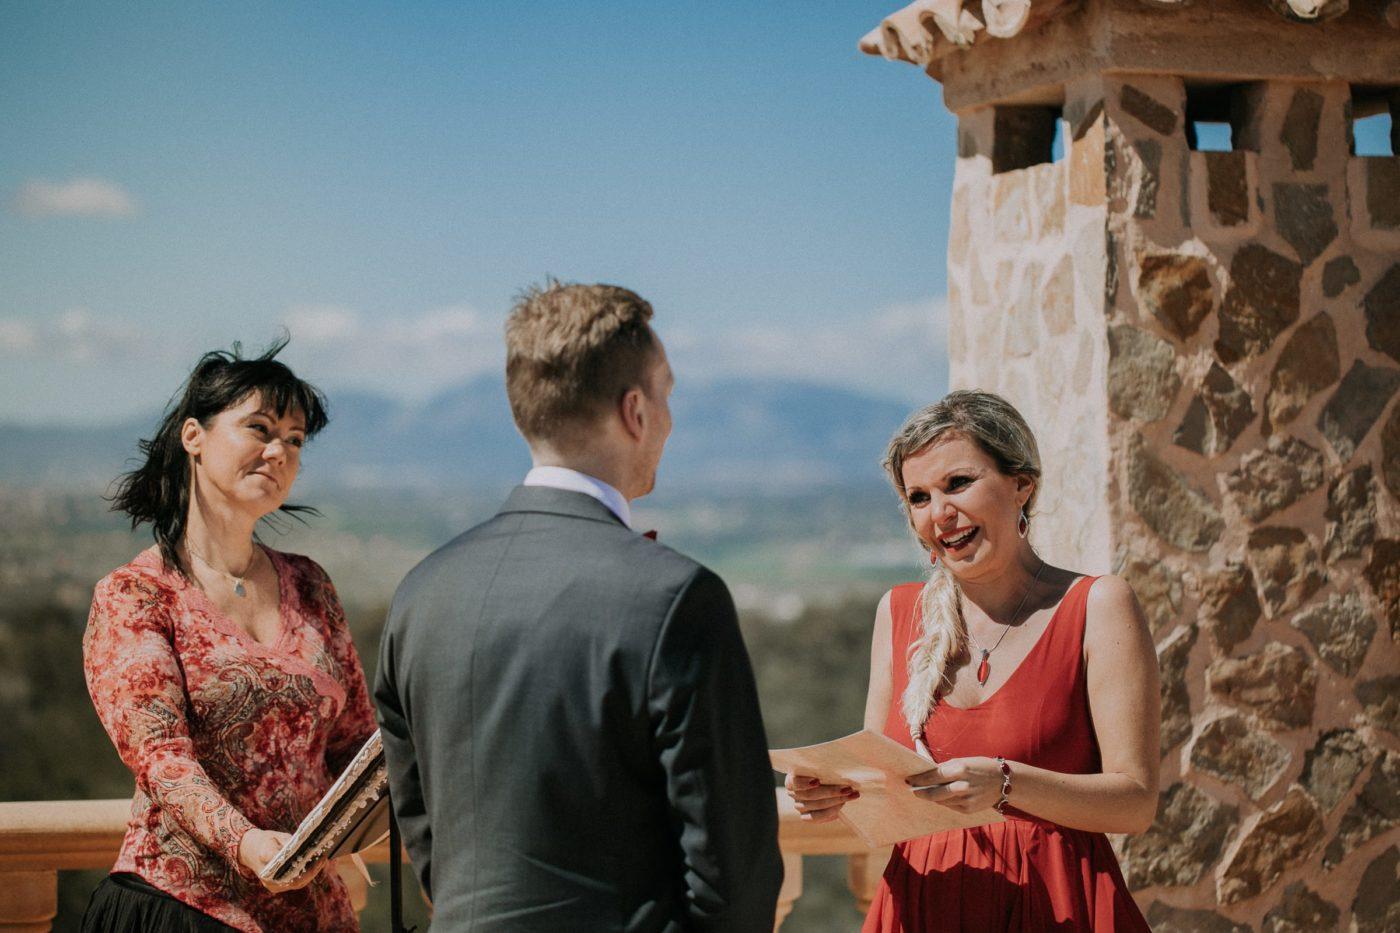 Die Braut spricht ihrem Mann das Eheversprechen vor.